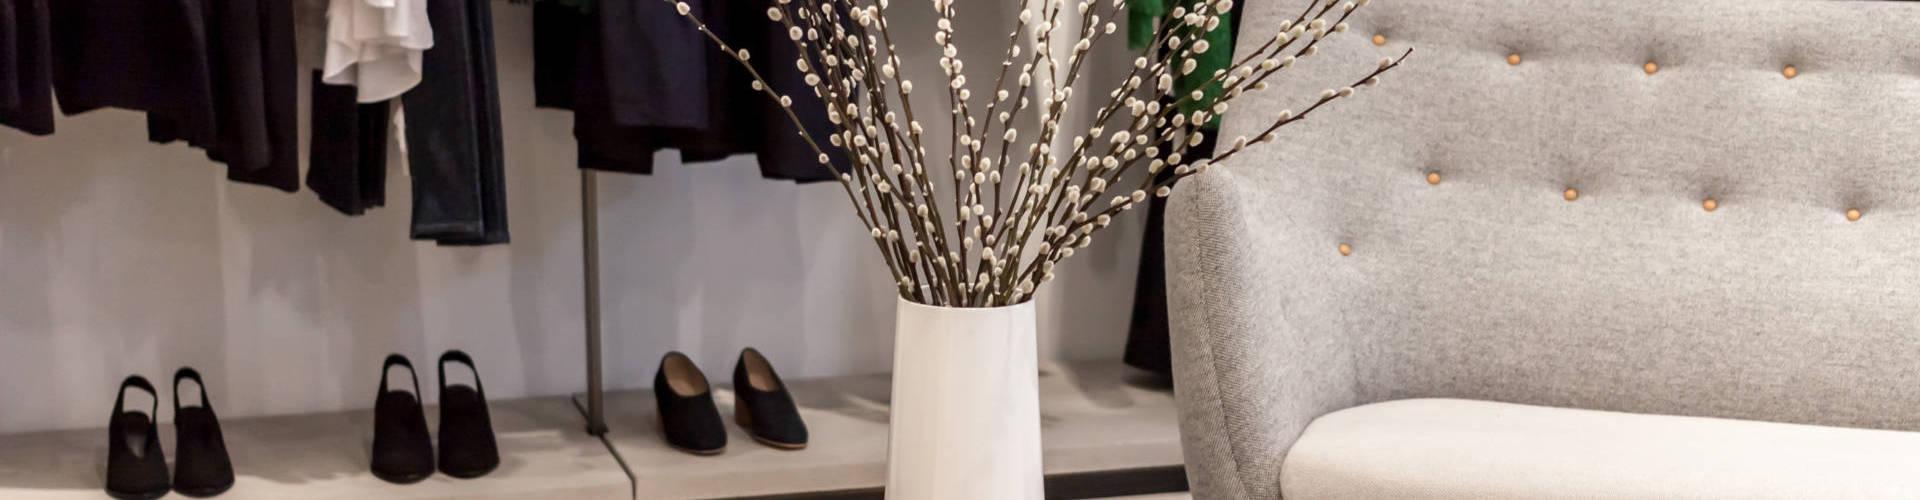 décoration boutique prêt-à-porter à LORIENT QUIMPER PONTIVY VANNES ET EN BRETAGNE SUD